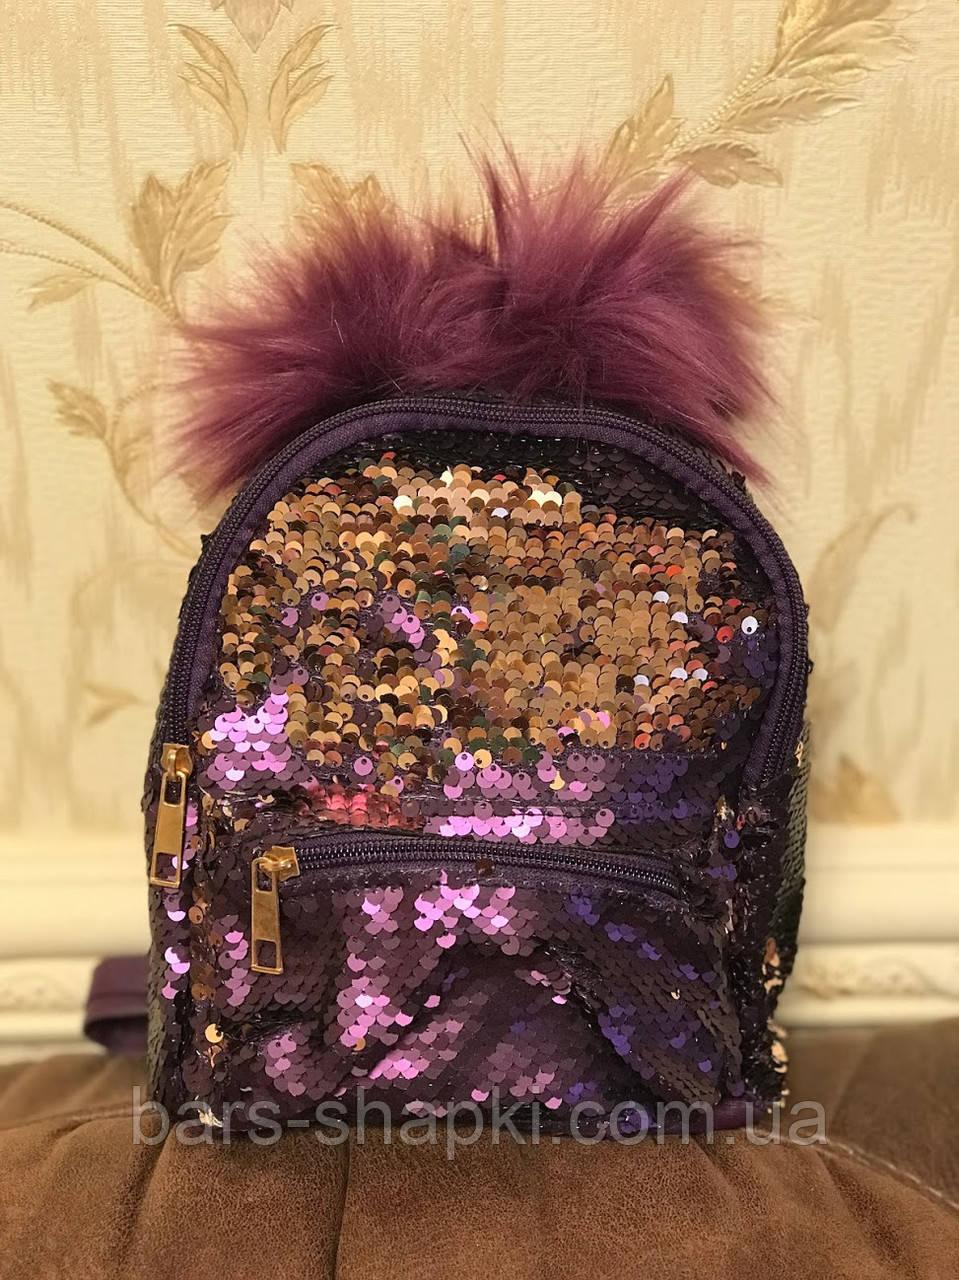 Детский рюкзак с паетками и помпонами.